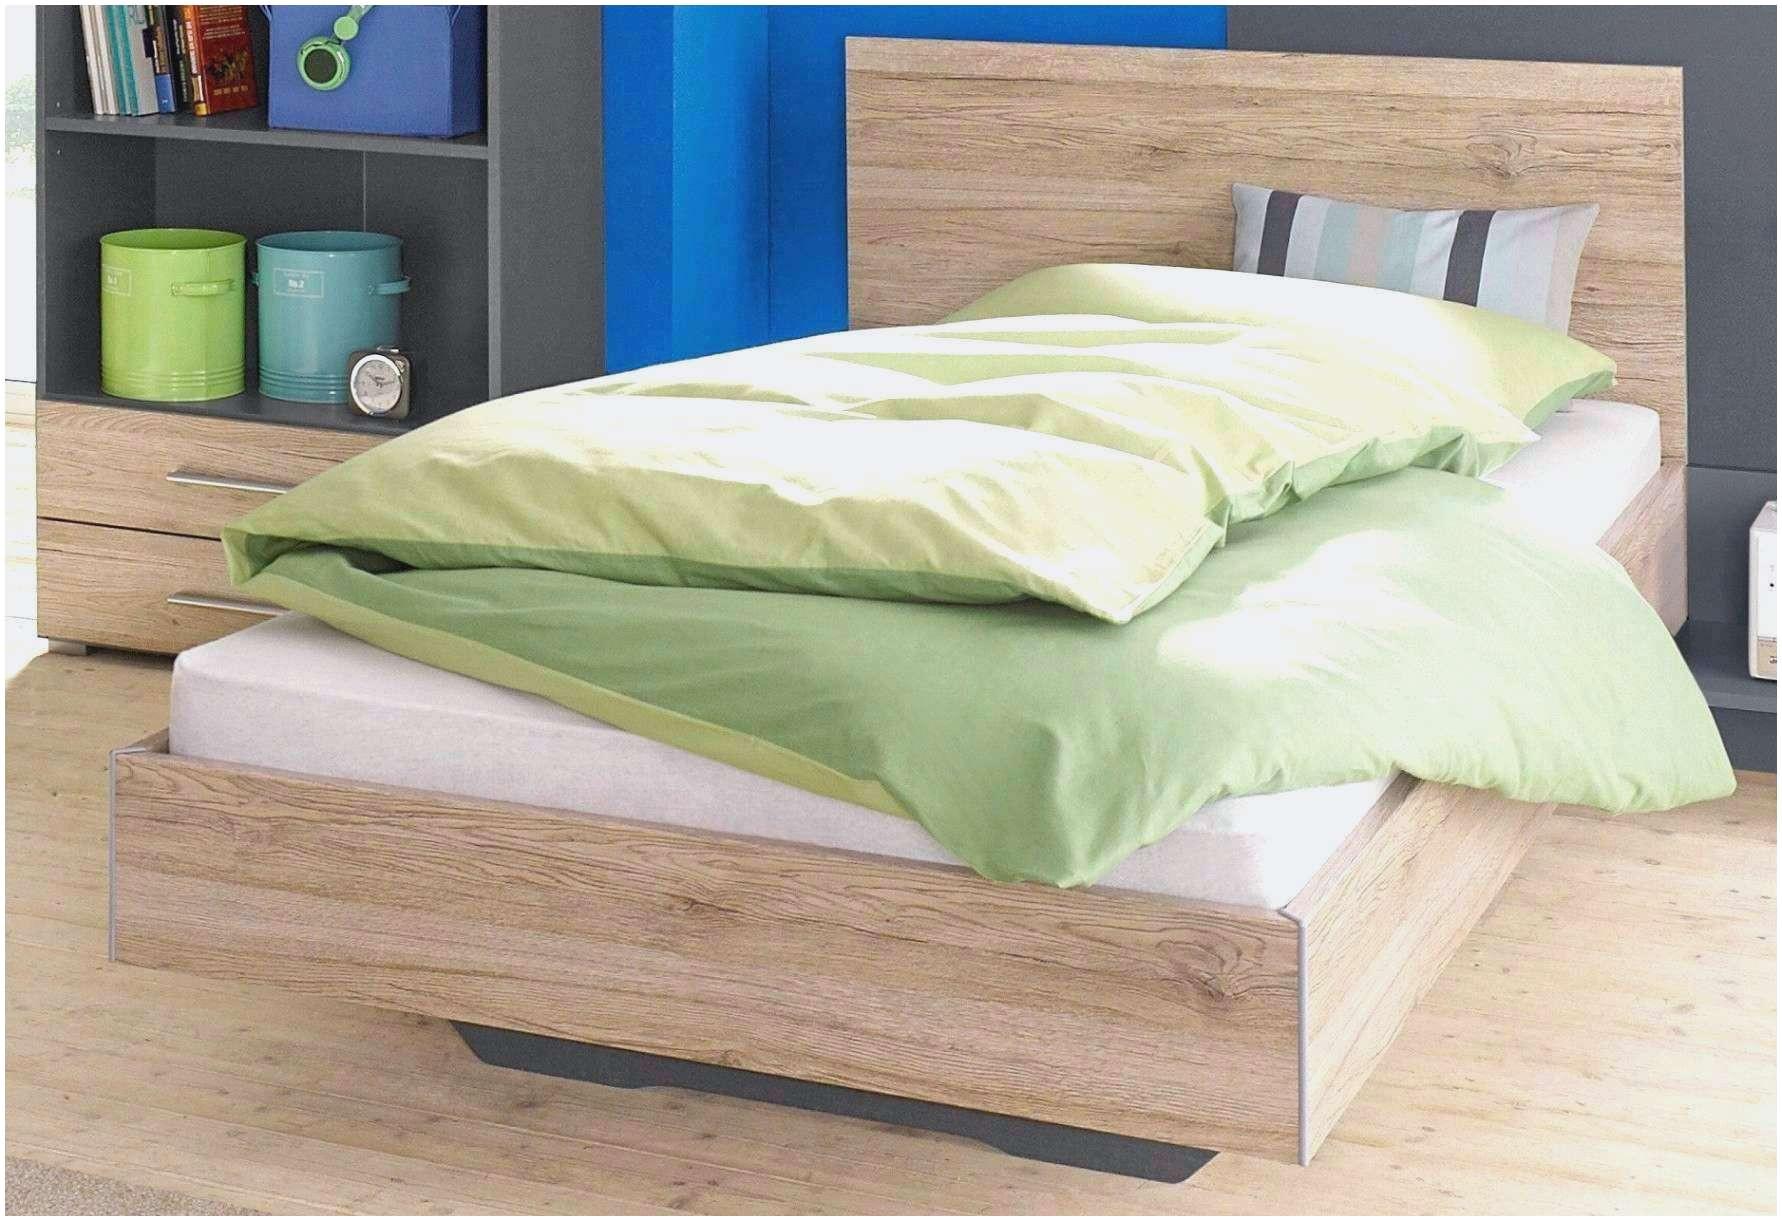 Wicker Bed Frame Ikea Frais Jugendzimmer Planen Einzig Kinderzimmer Jungen Ikea Jungs Bett